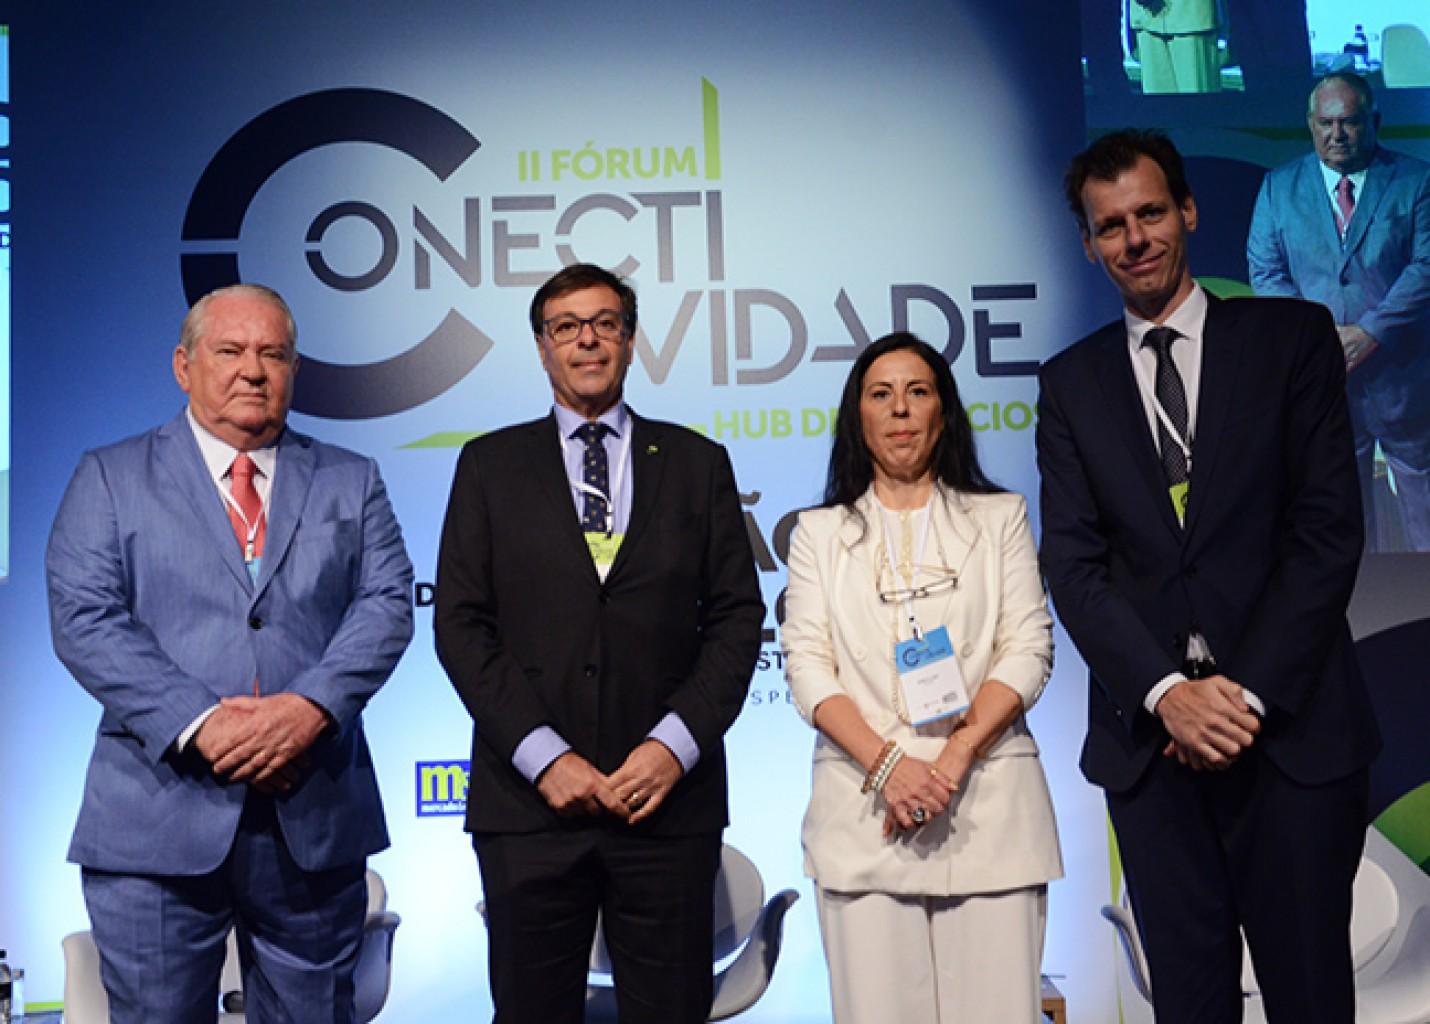 II Fórum Conectividade reúne autoridades e especialistas em São Paulo; fotos